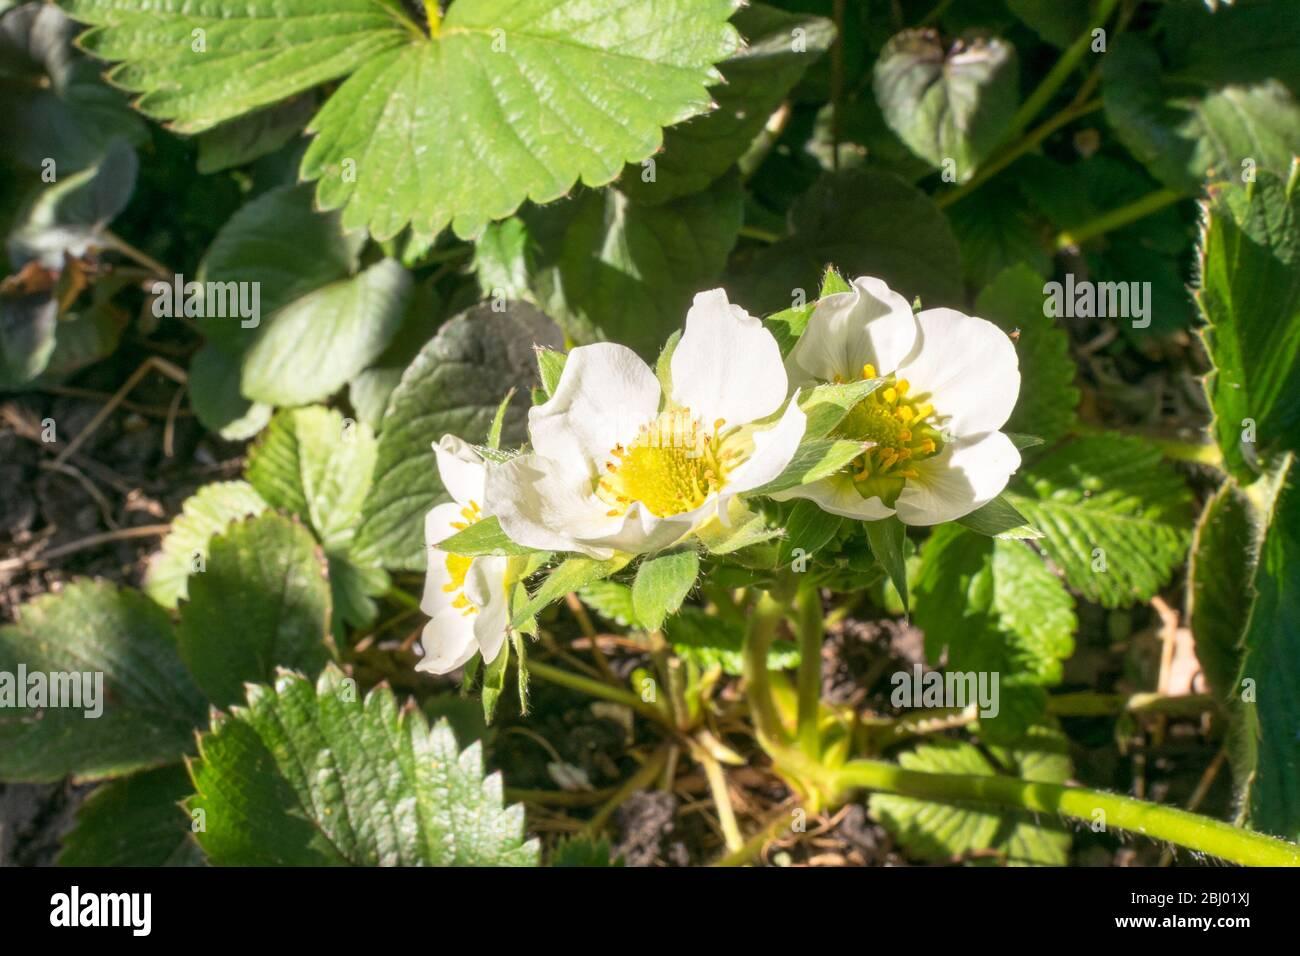 Imagen detallada de las flores de una planta de fresa (Fragaria × ananassa) Foto de stock